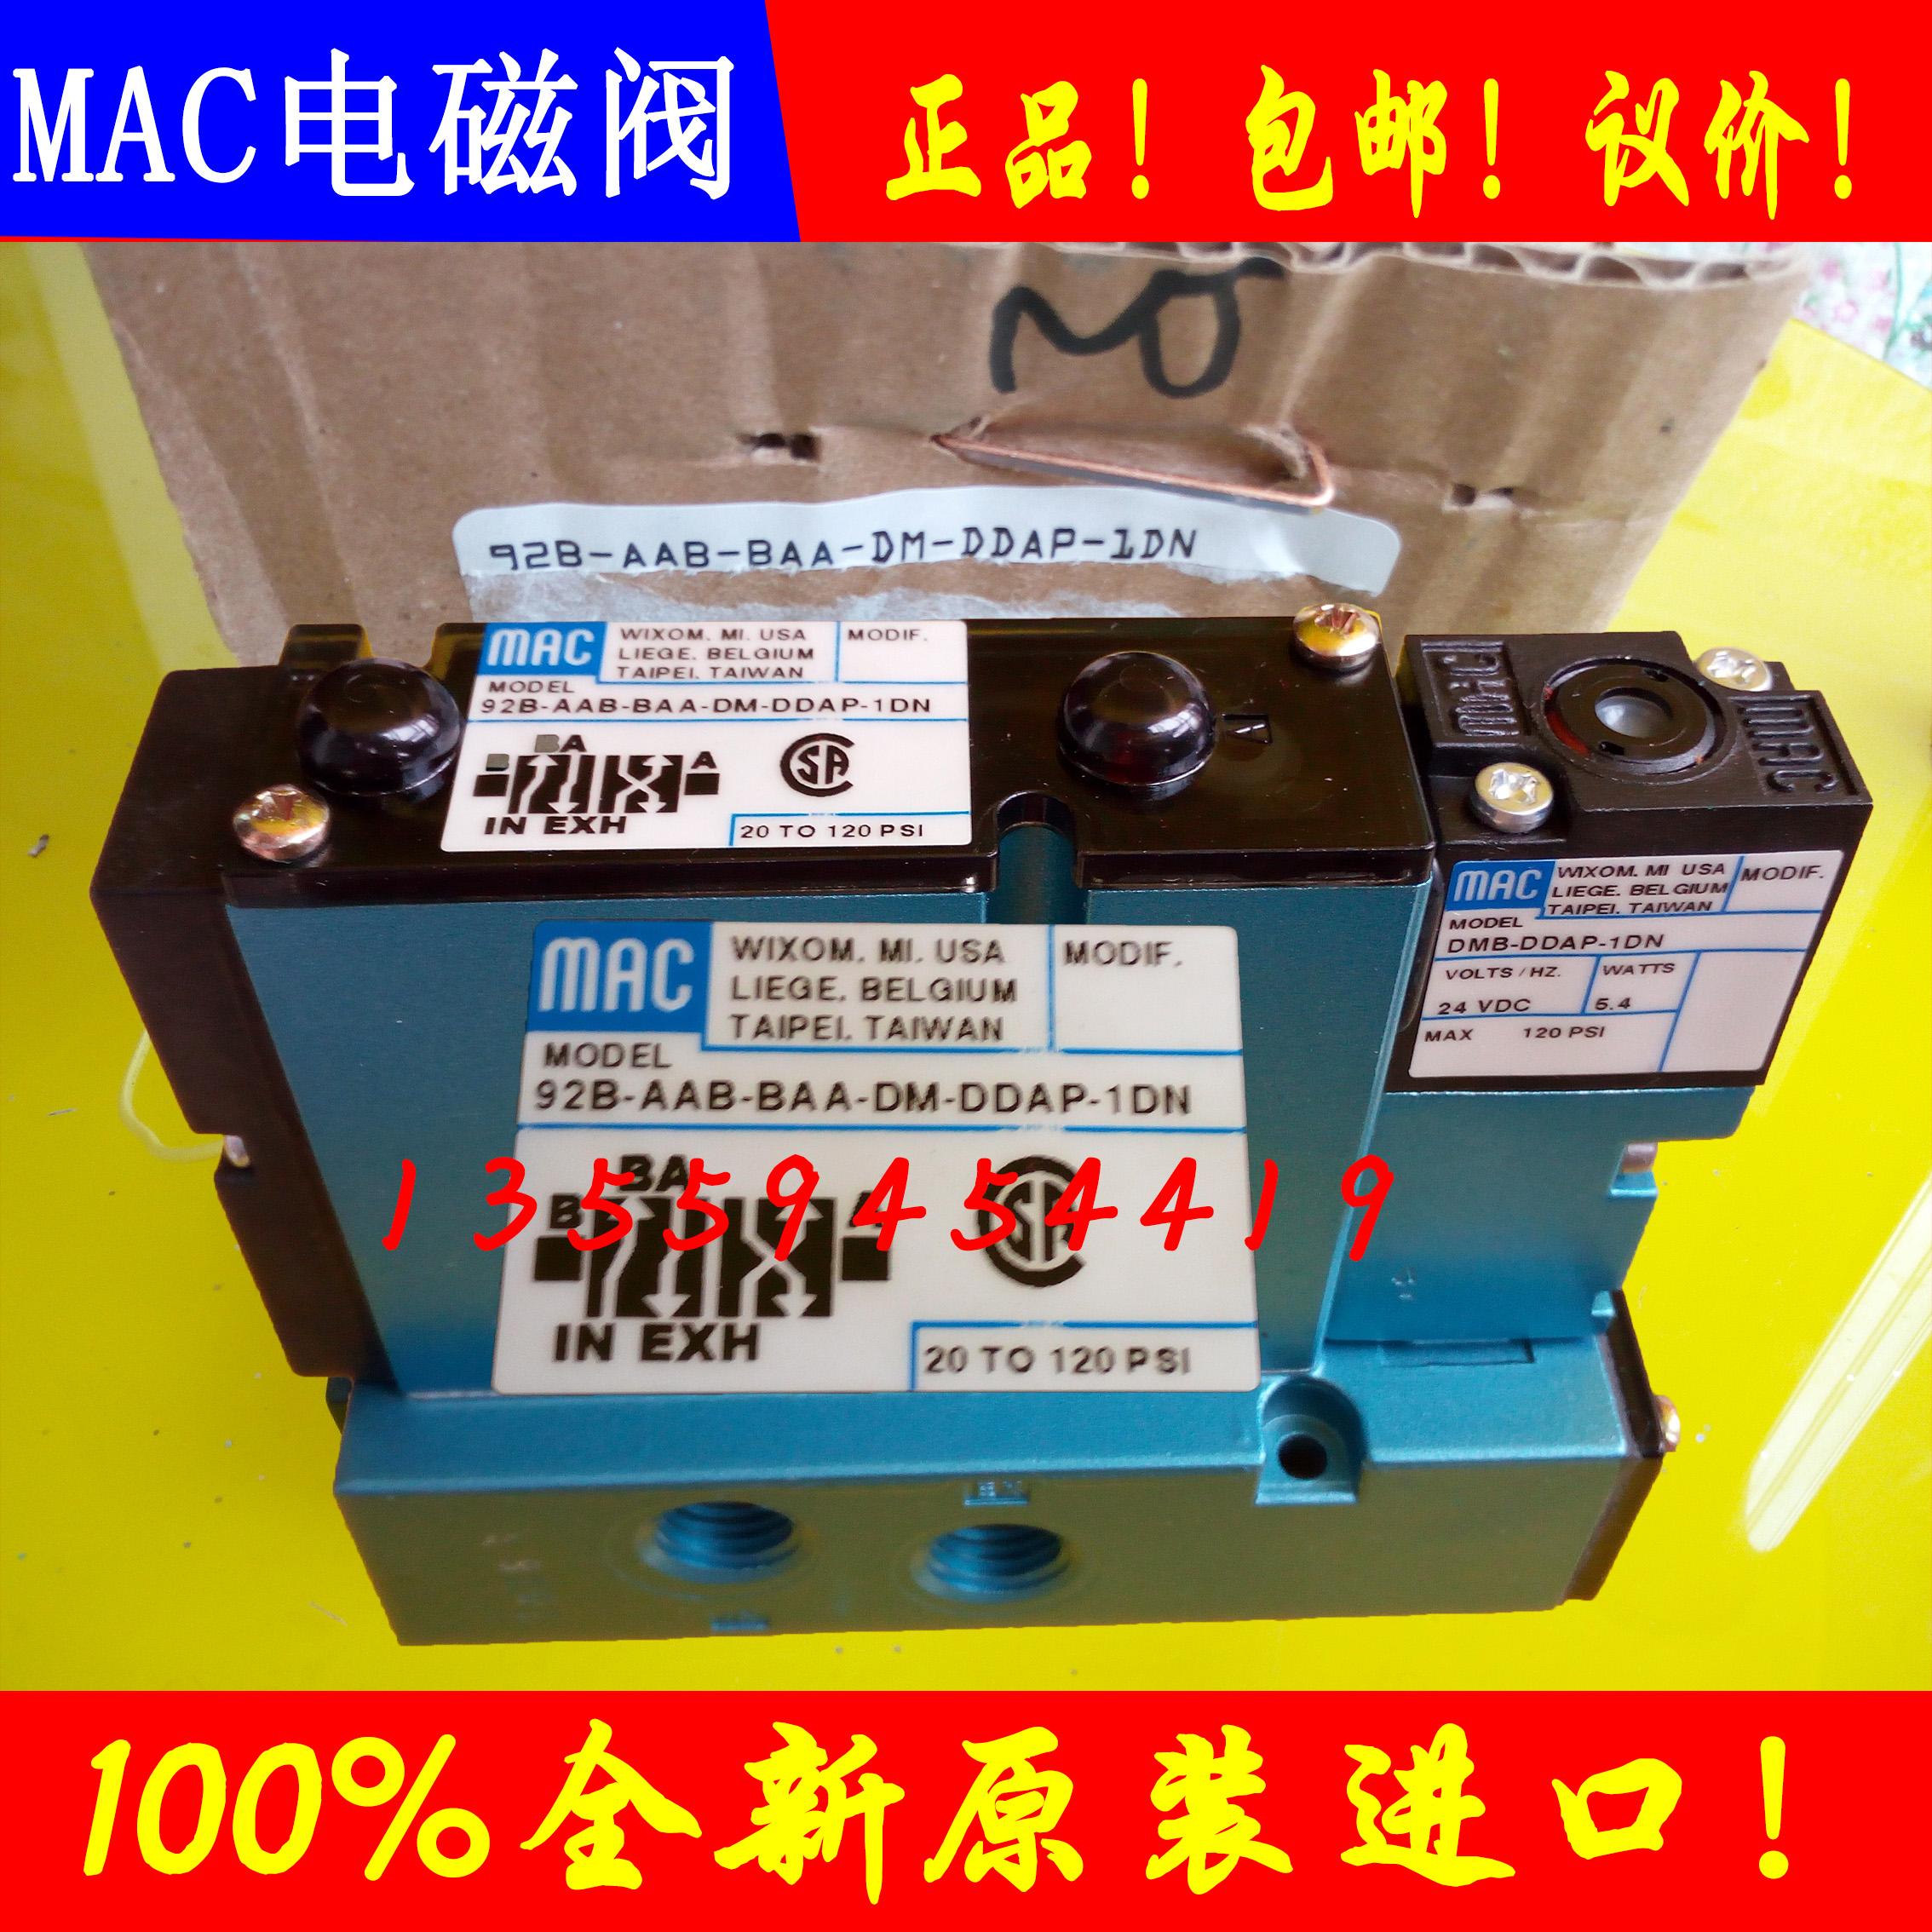 Válvula de solenóide 92B-AAB-BAA-DM-DDAP-1DN MAC / Estados Unidos por ordem de negociação genuine